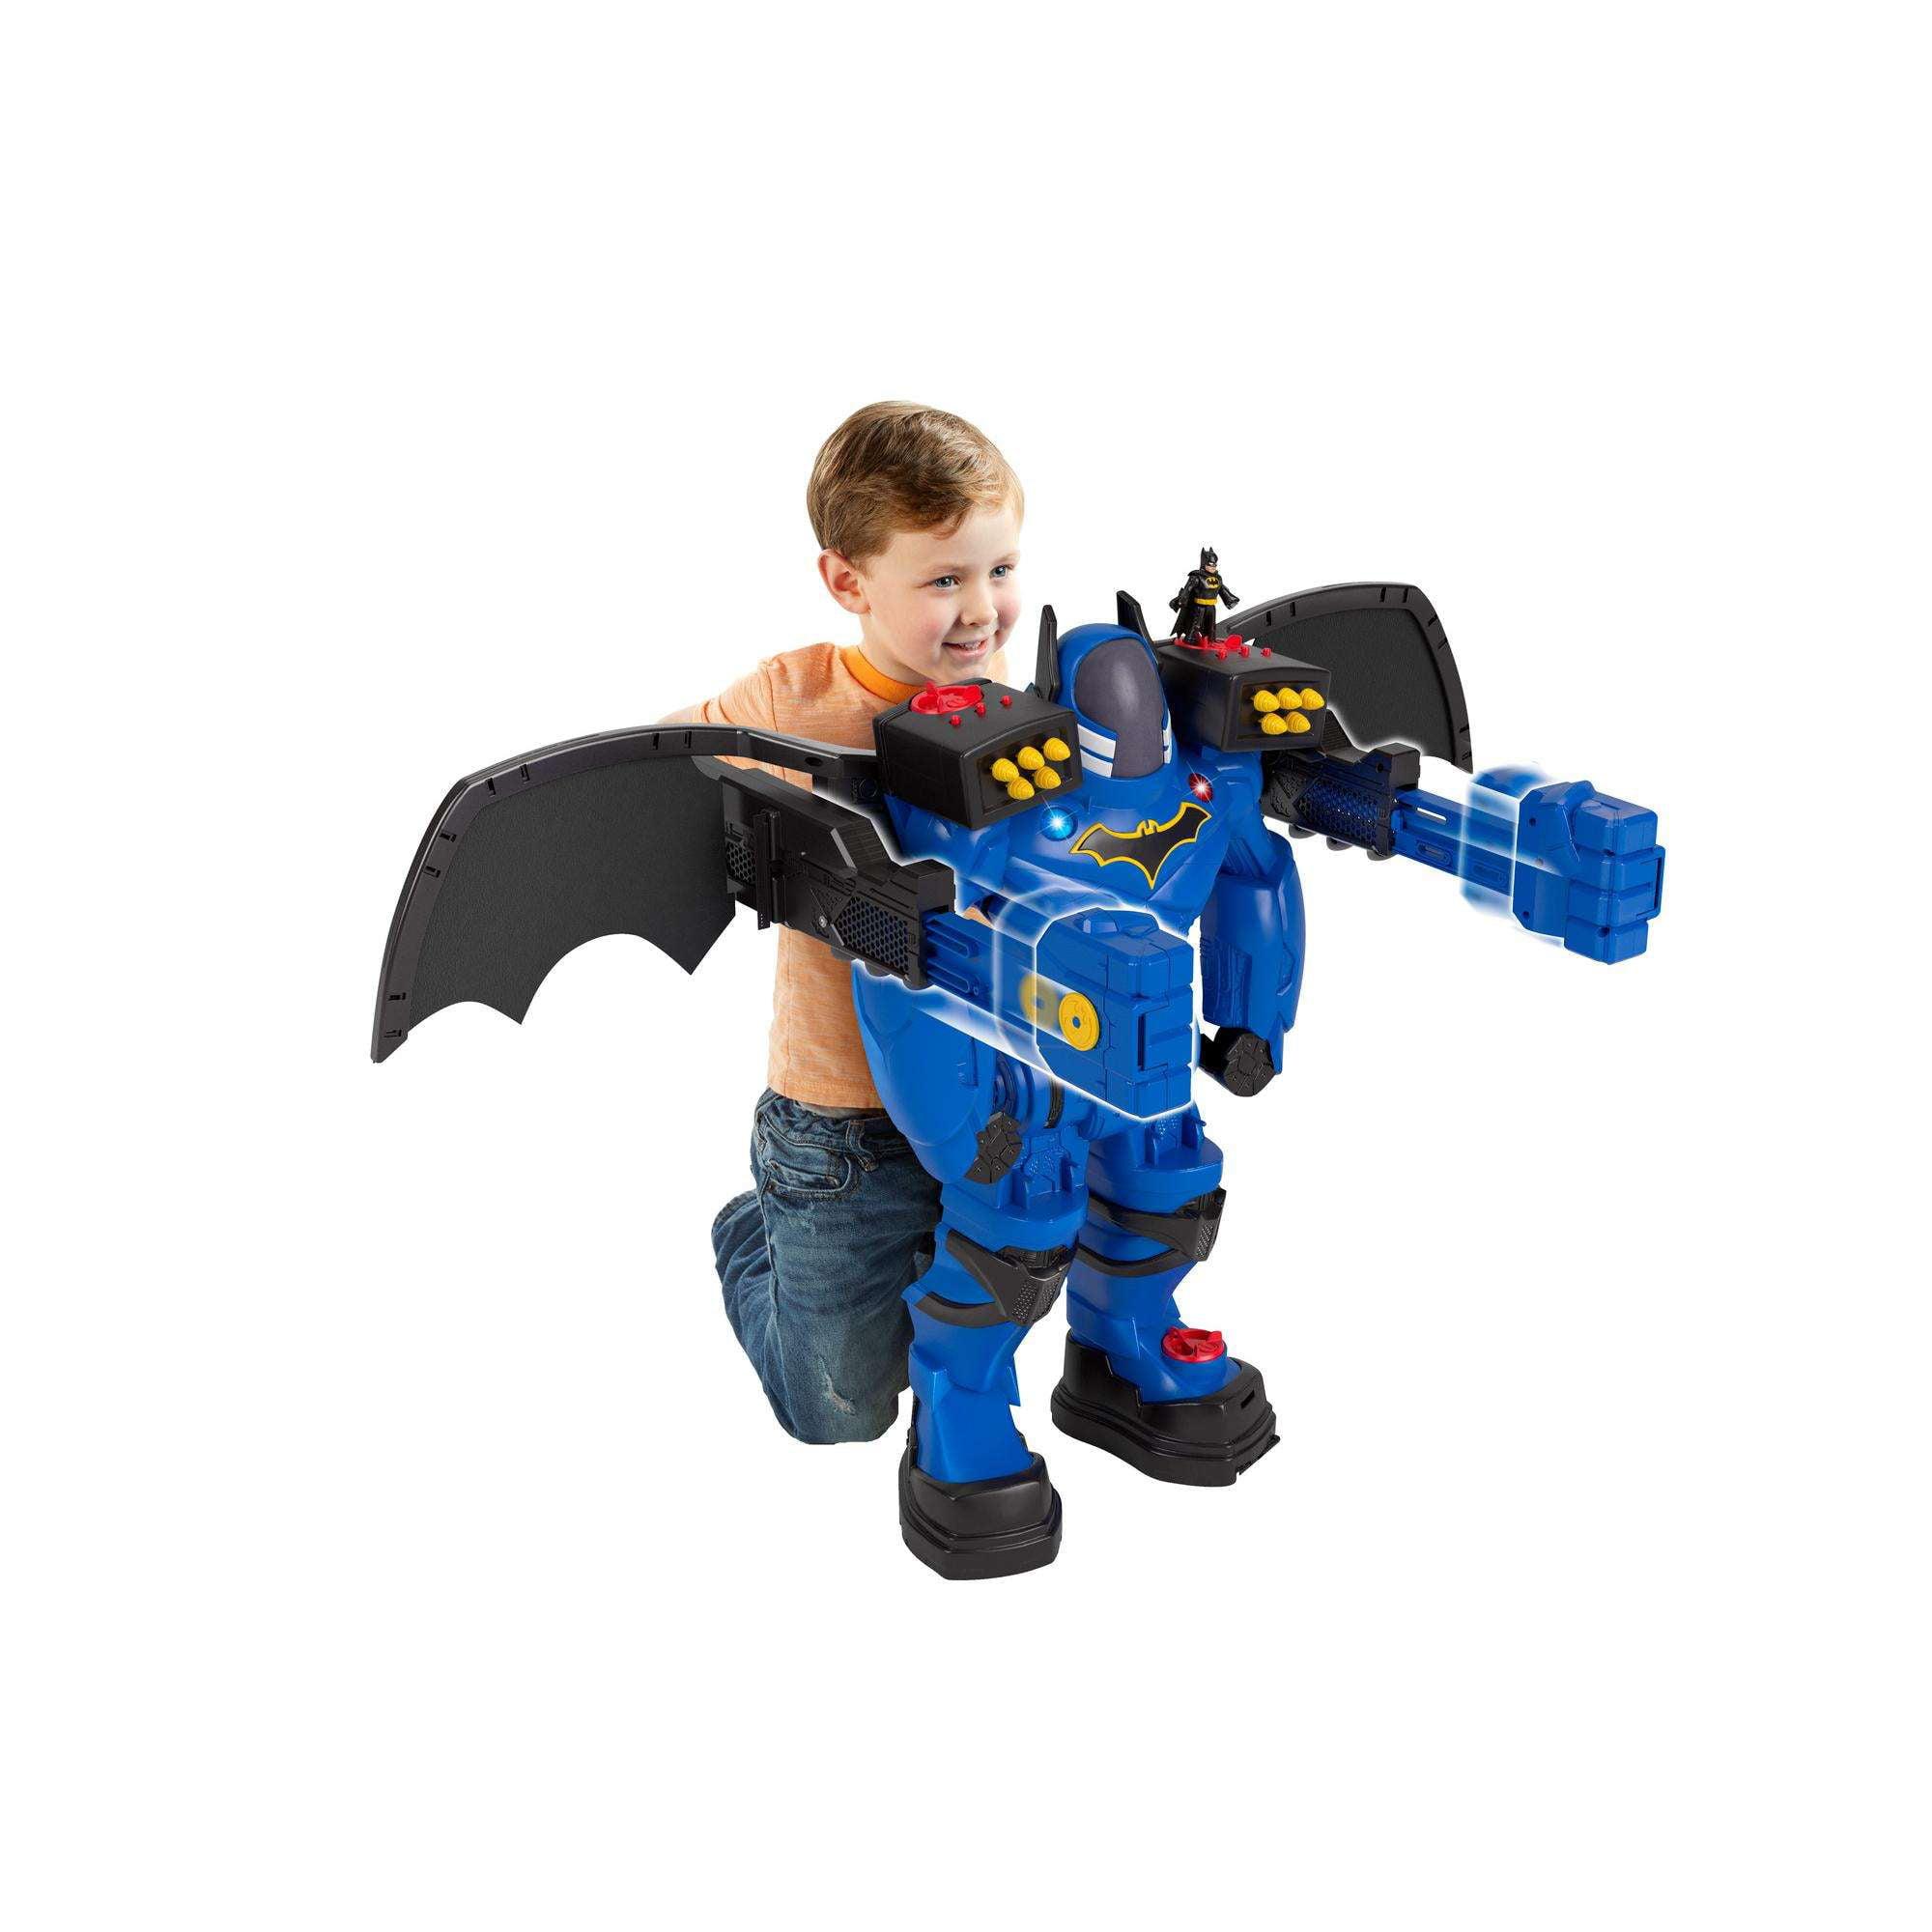 IMaginext DC Super Friends Batman Batbot Xtreme by FISHER PRICE